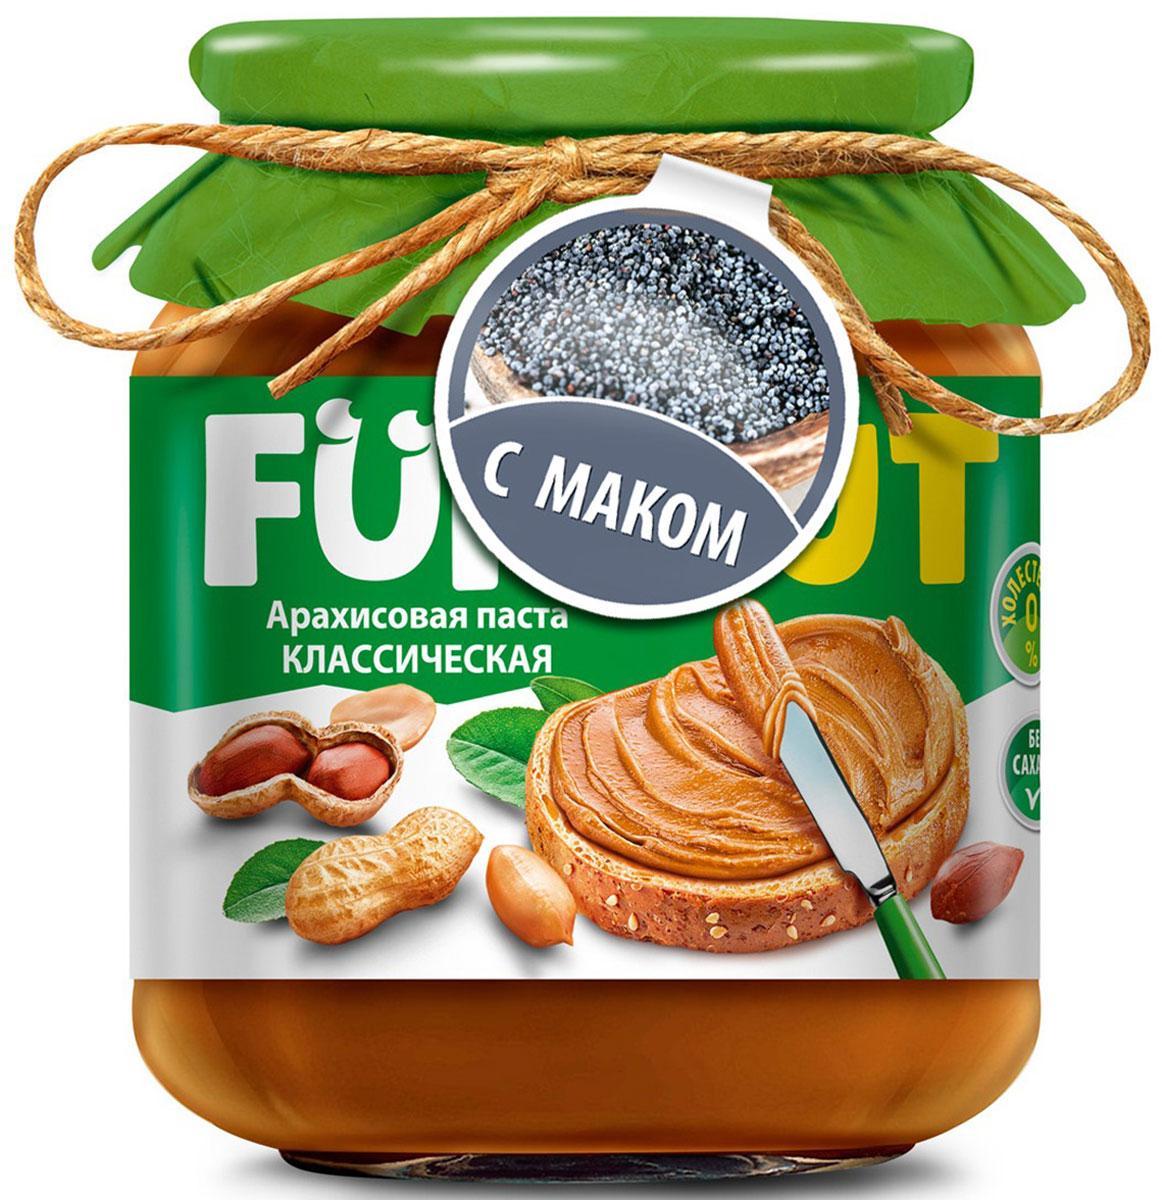 Funnat Арахисовая паста классическая с добавлением мака, 340 г0120710Арахисовая паста Funnat давно и широко распространена в США и вВеликобритании. Эта ореховая паста приготовлена из поджаренного арахиса, нежной текстуры. Благодаря содержанию легкоусвояемых белков и жиров арахисовая паста может конкурировать по питательности с продуктами животного происхождения. Она сытная и полезная, и в то же время препятствует перееданию.